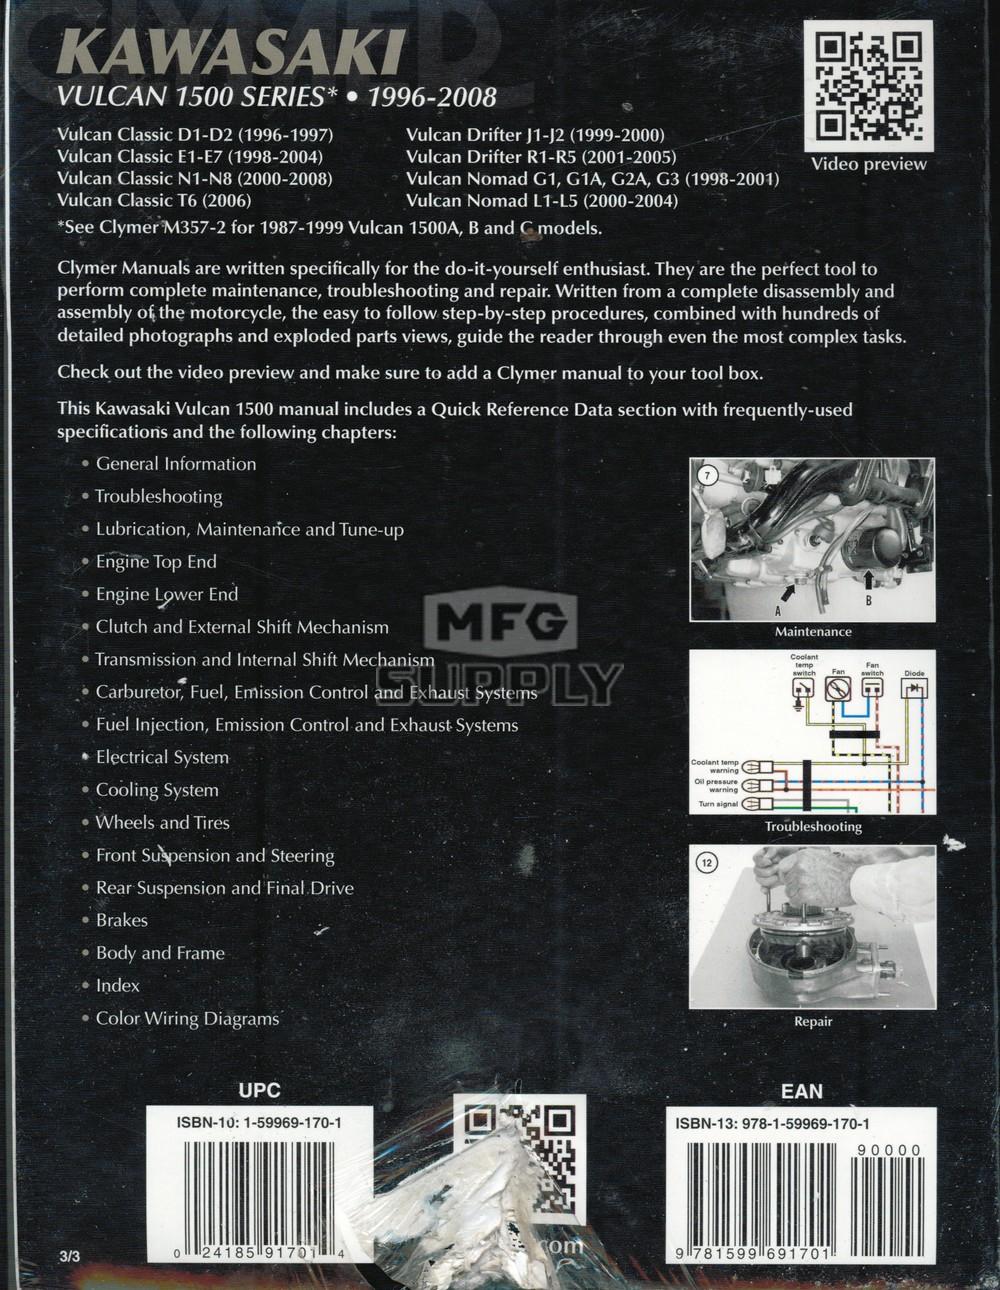 2000 kawasaki vulcan 1500 classic service manual